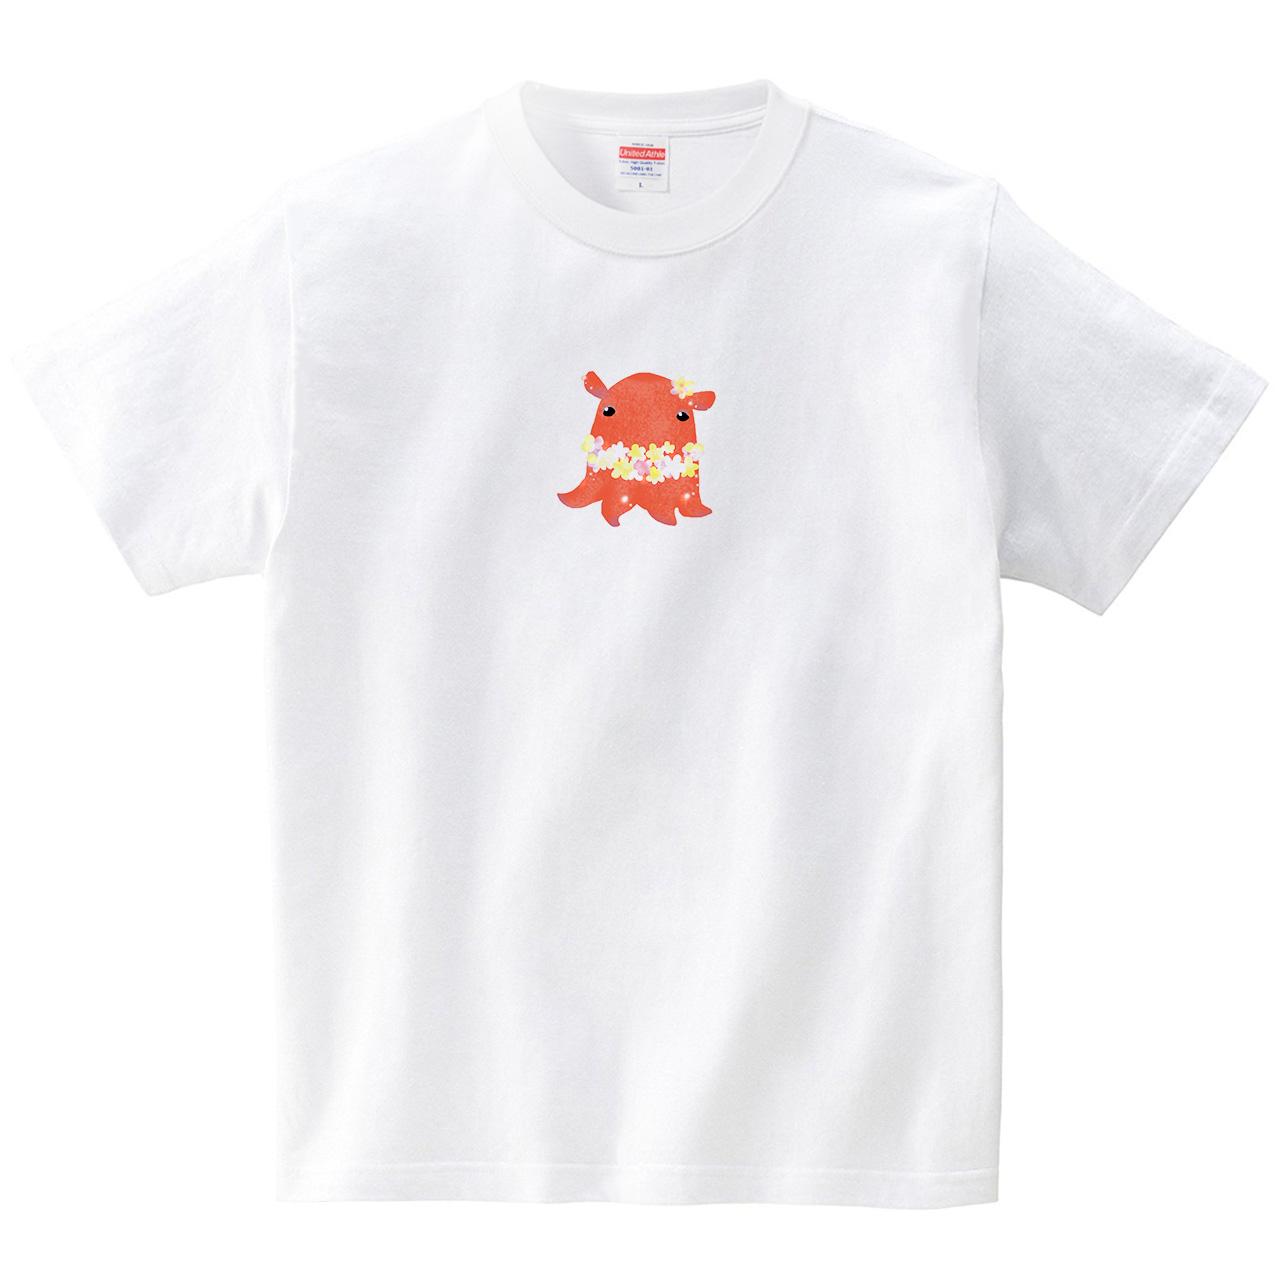 オトメンダコ(Tシャツ・ホワイト)(あおまんぼう)